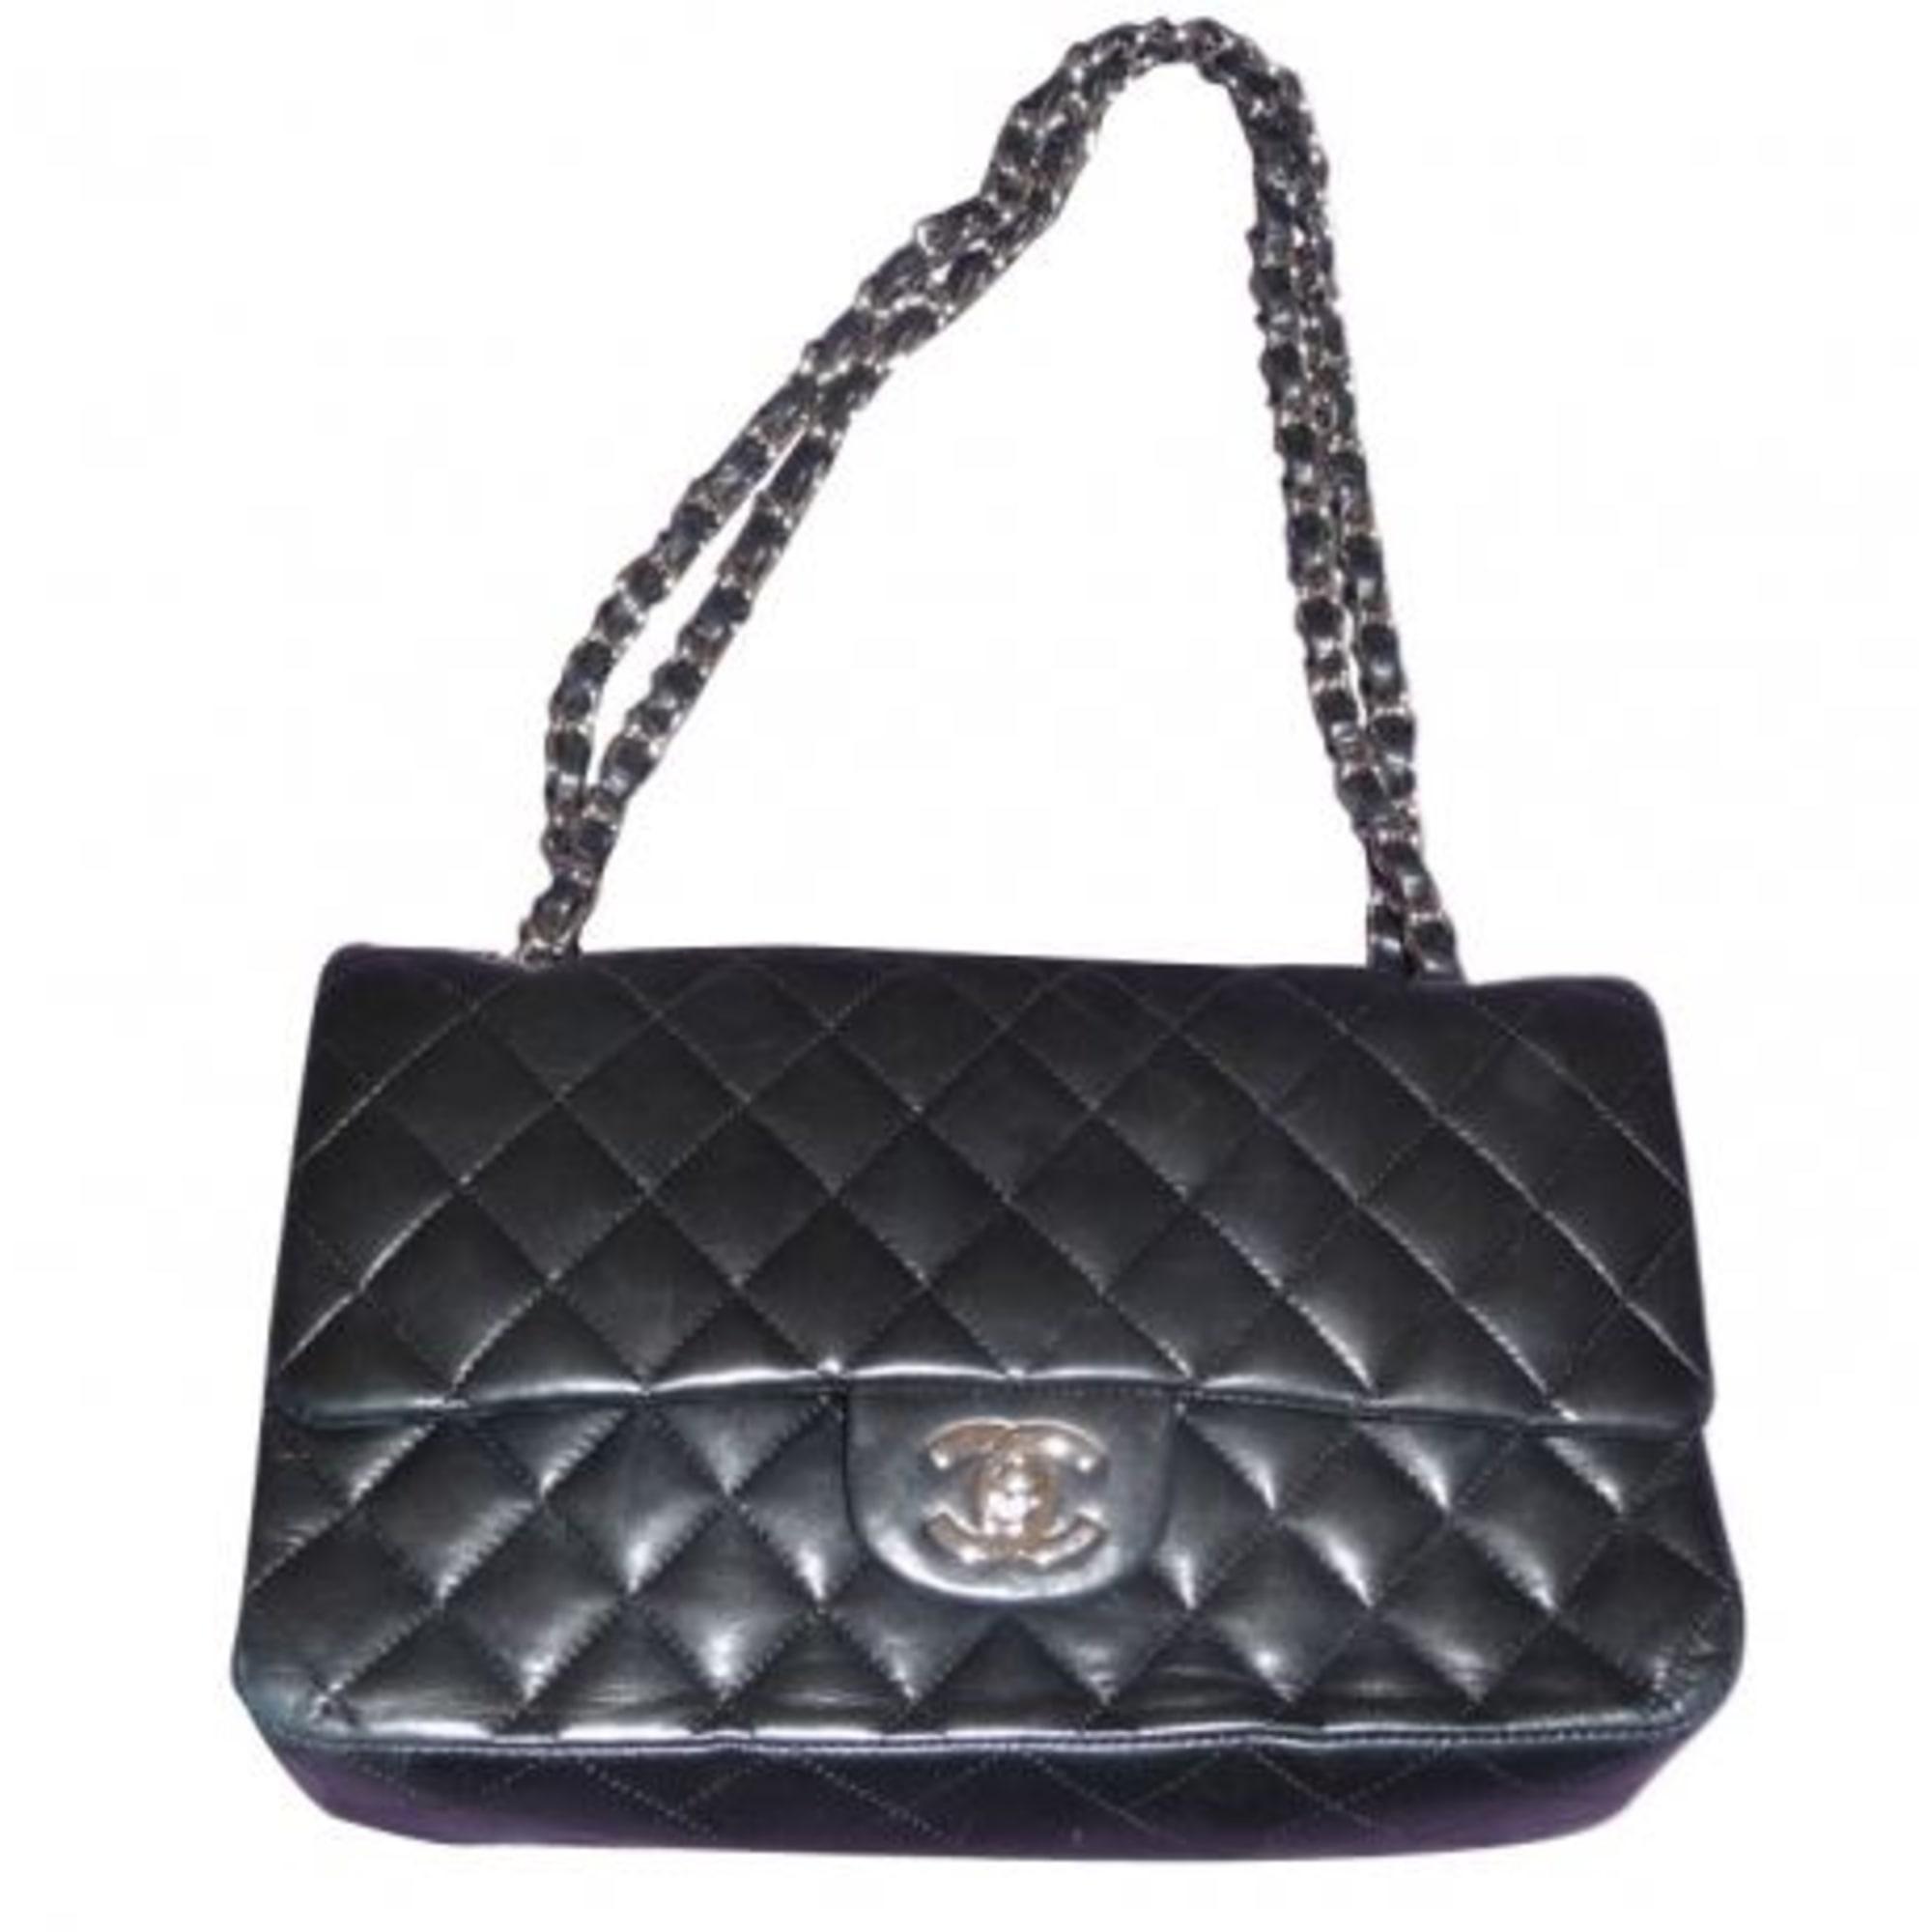 13f53e7064 Sac à main en cuir CHANEL noir vendu par Boutique luxe - 1749279